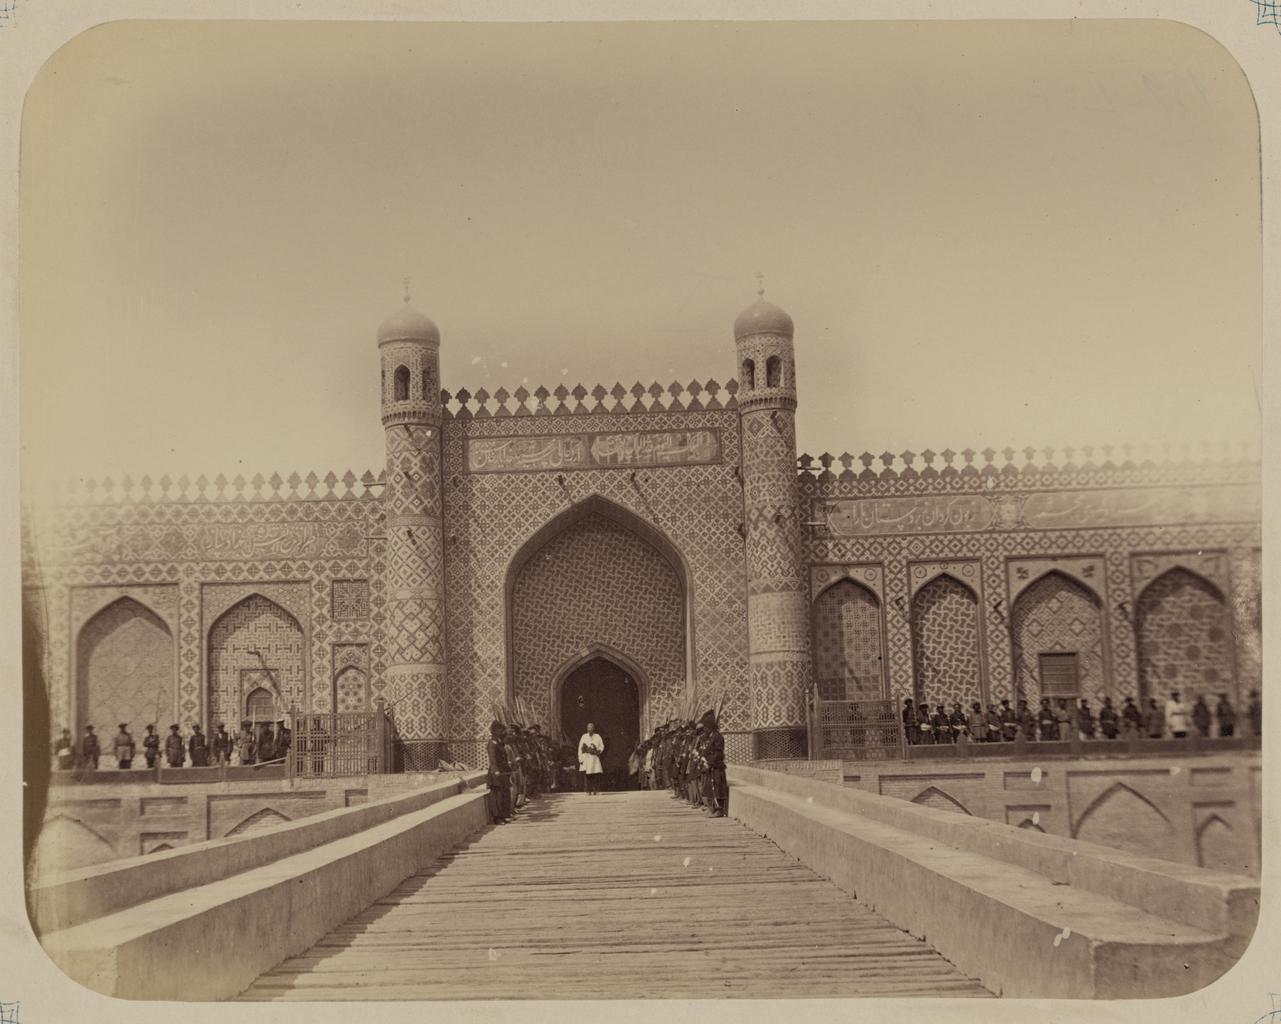 Дворец Сеид-Худояр-хана. Солдаты армии кокандского хана стоят перед входом, в центре стоит русский офицер